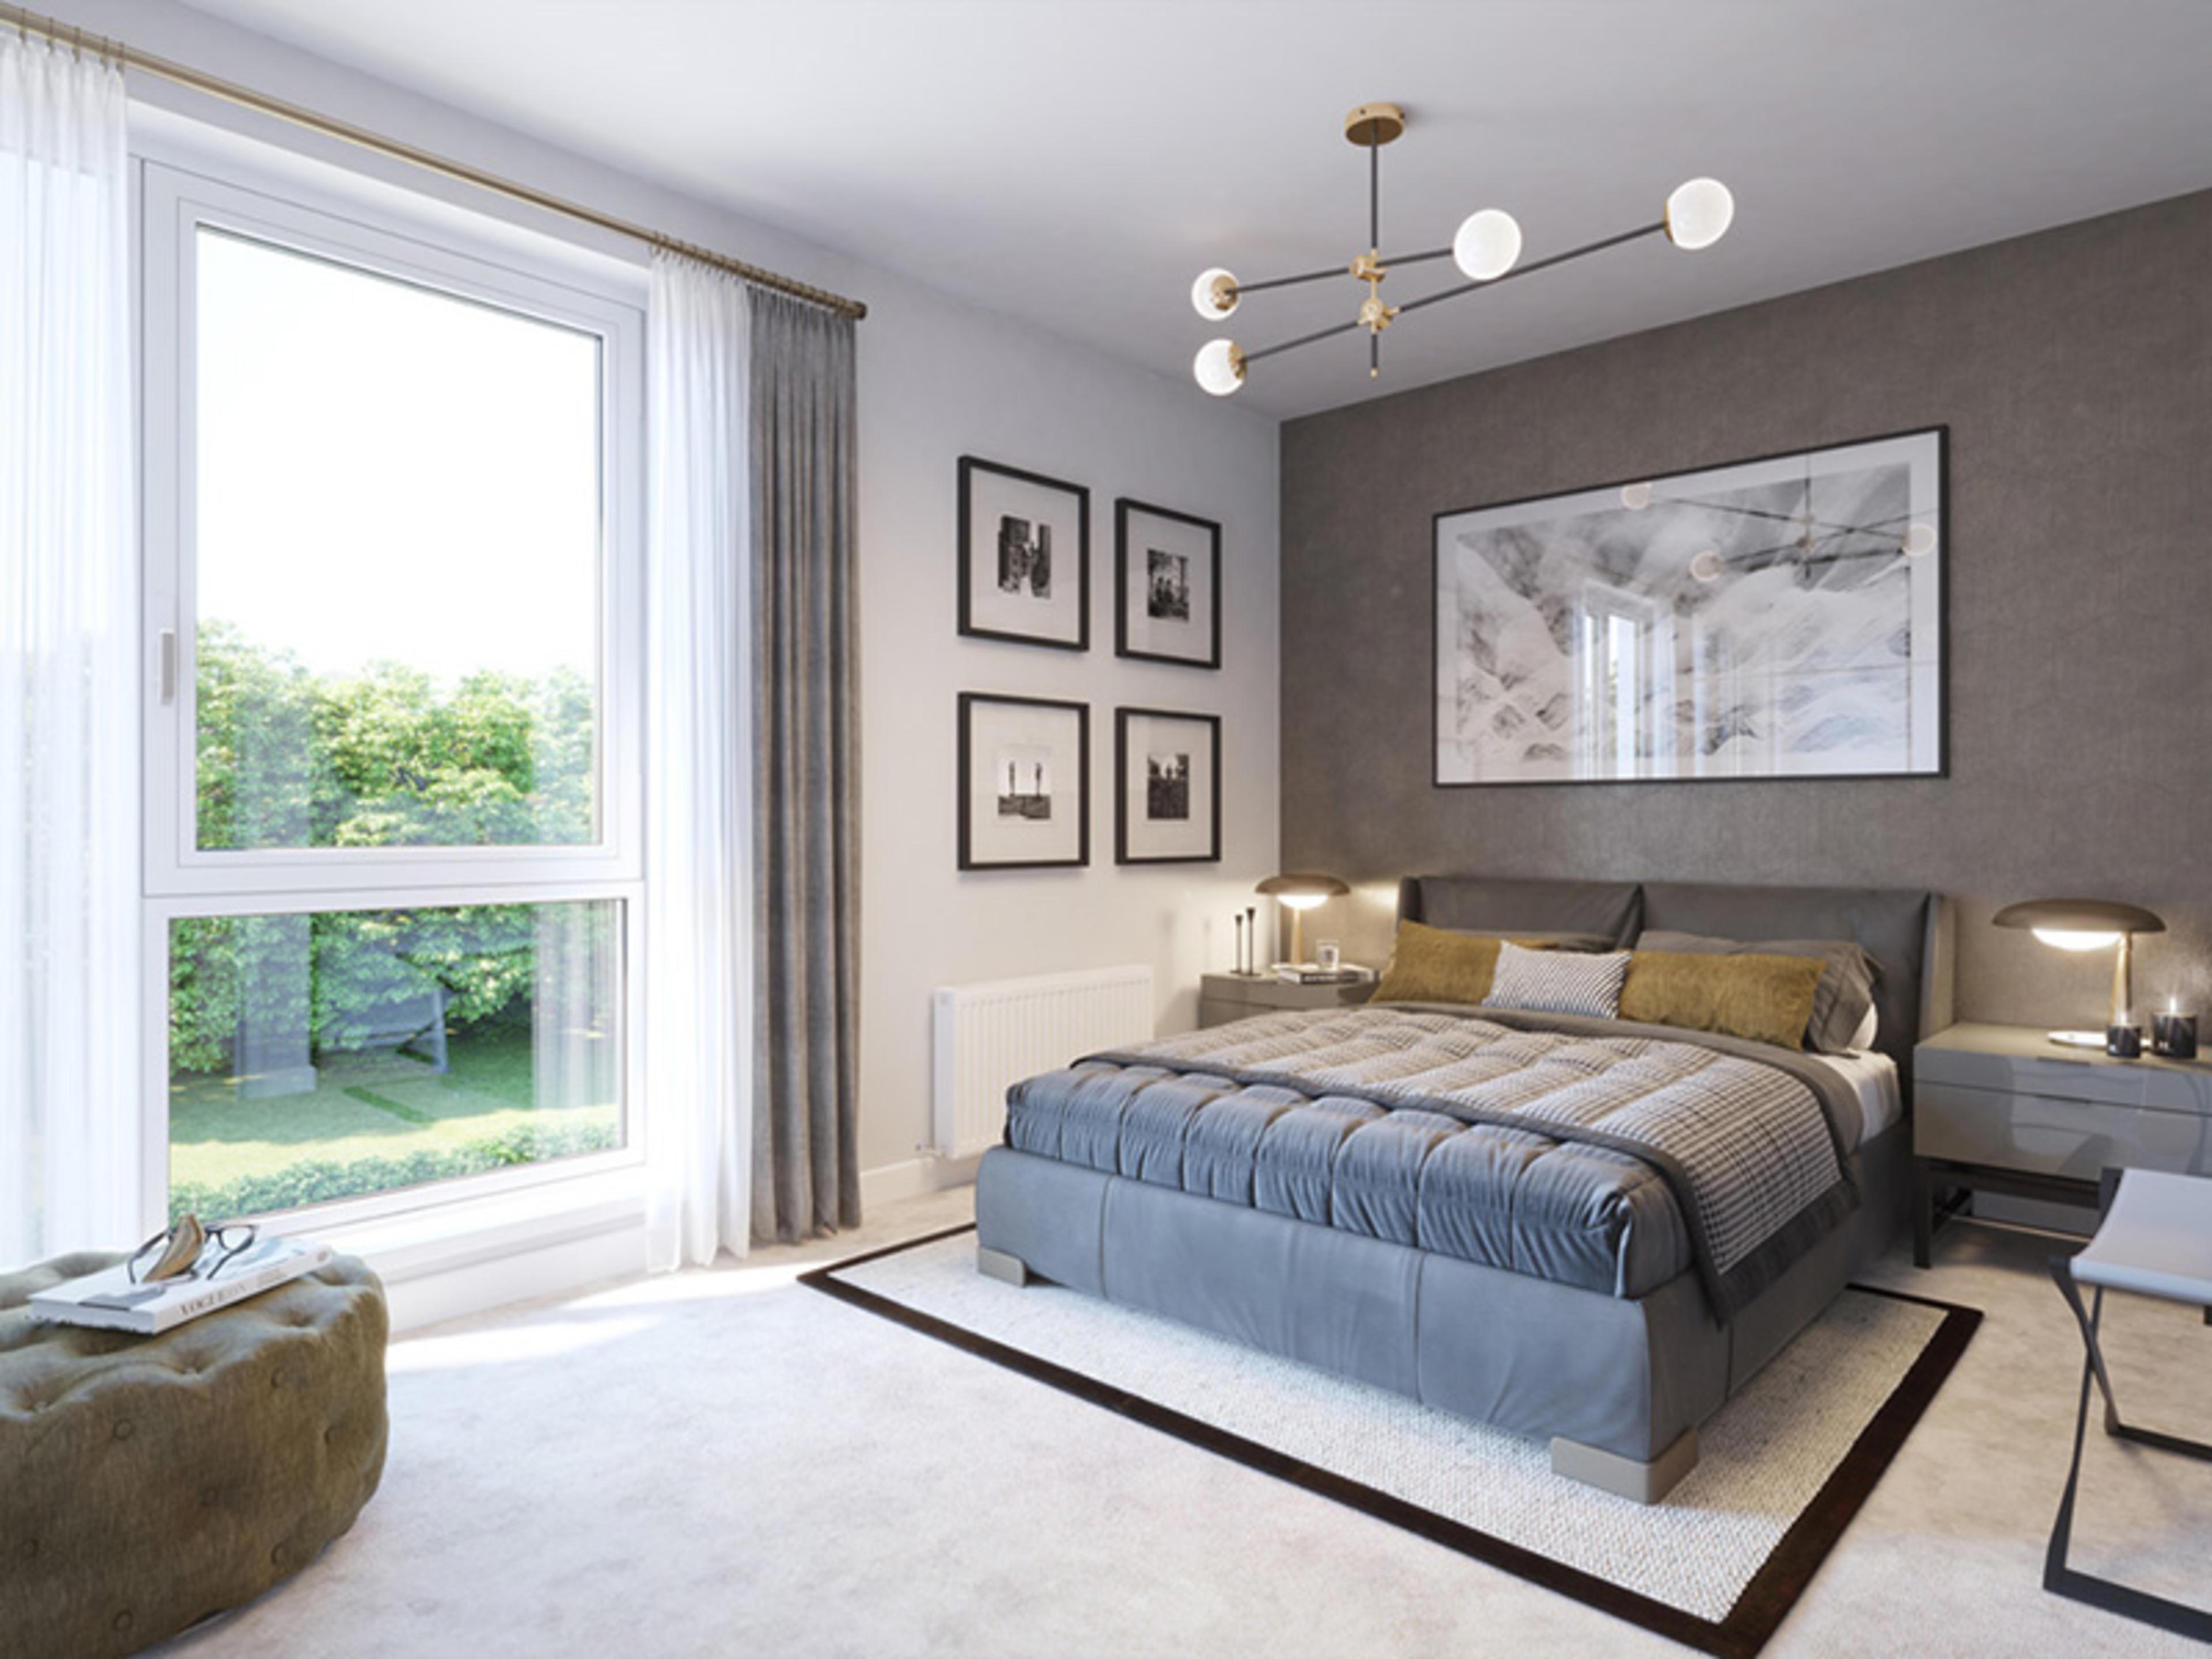 watling-grange-harrogate-finchale-type-a-bedroom-cgi